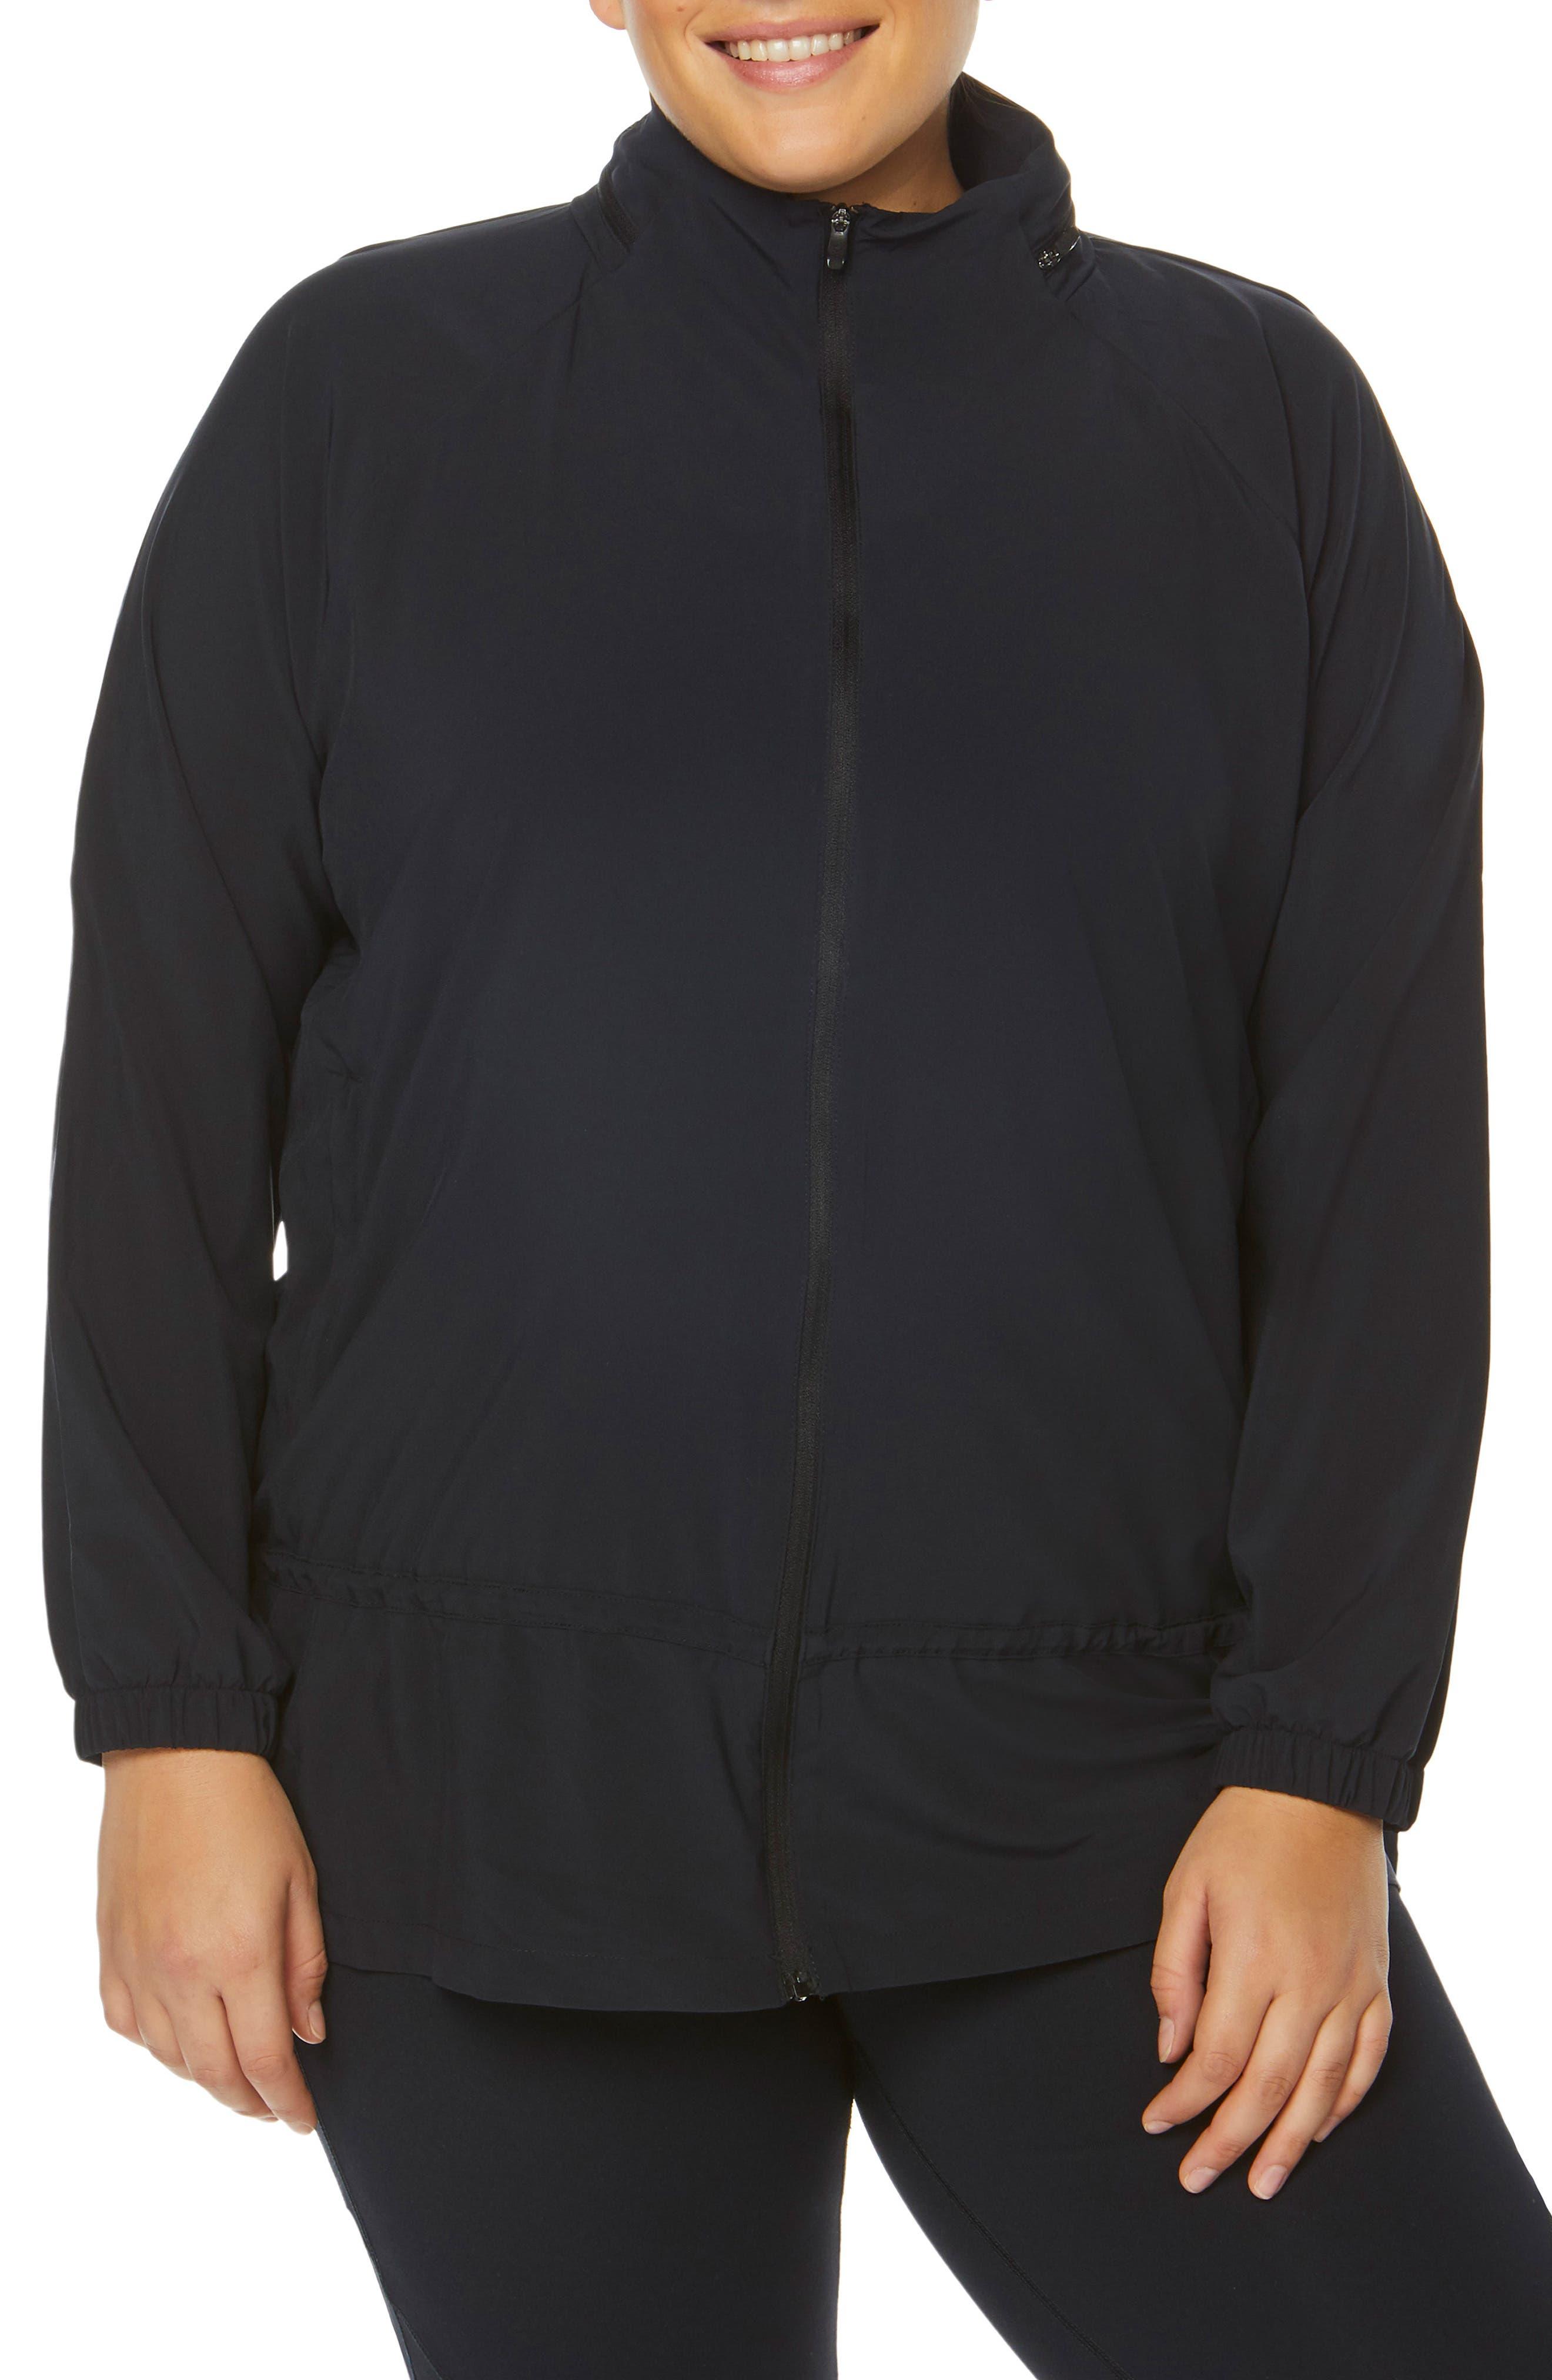 Plus Size Shape Activewear Ghost Windbreaker Jacket